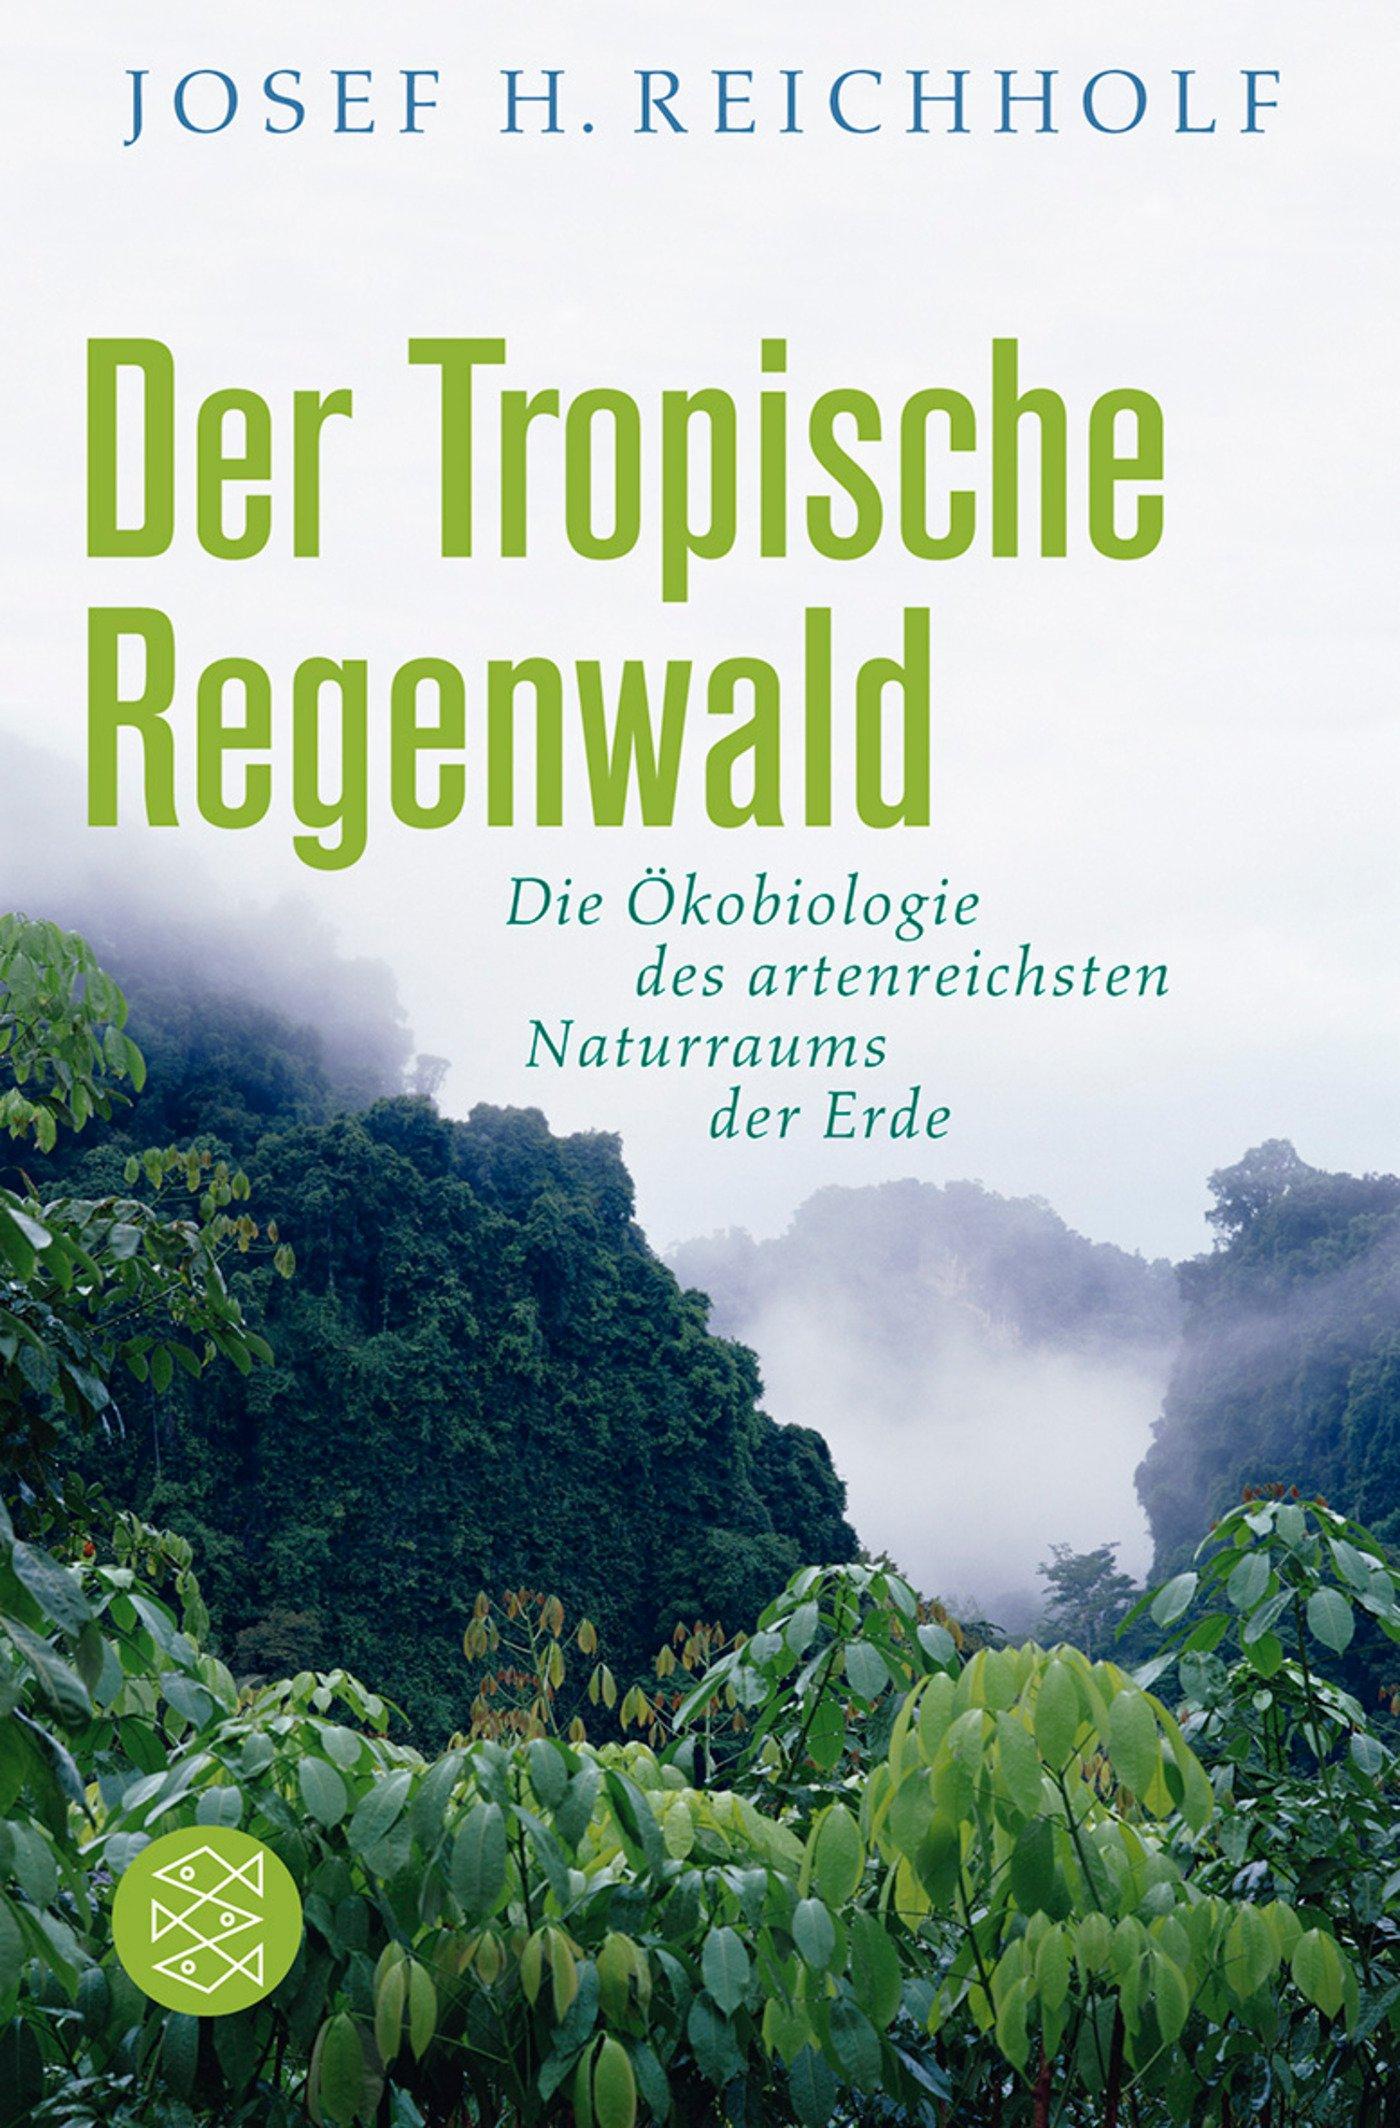 Der tropische Regenwald